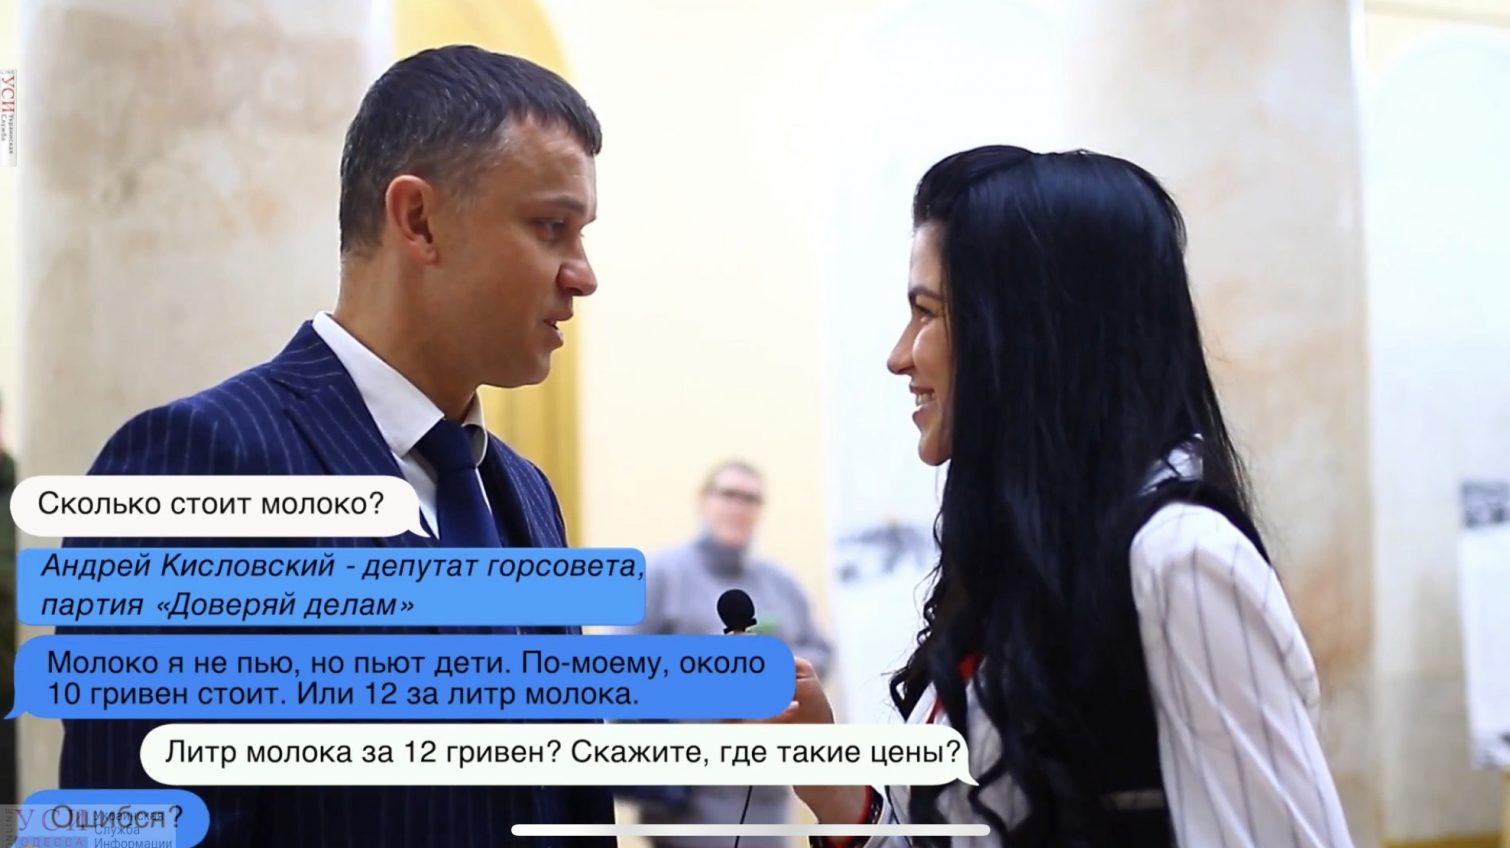 «Молоко беру по 12 гривен за литр», – депутаты Одесской мэрии затерялись во времени (видео) «фото»